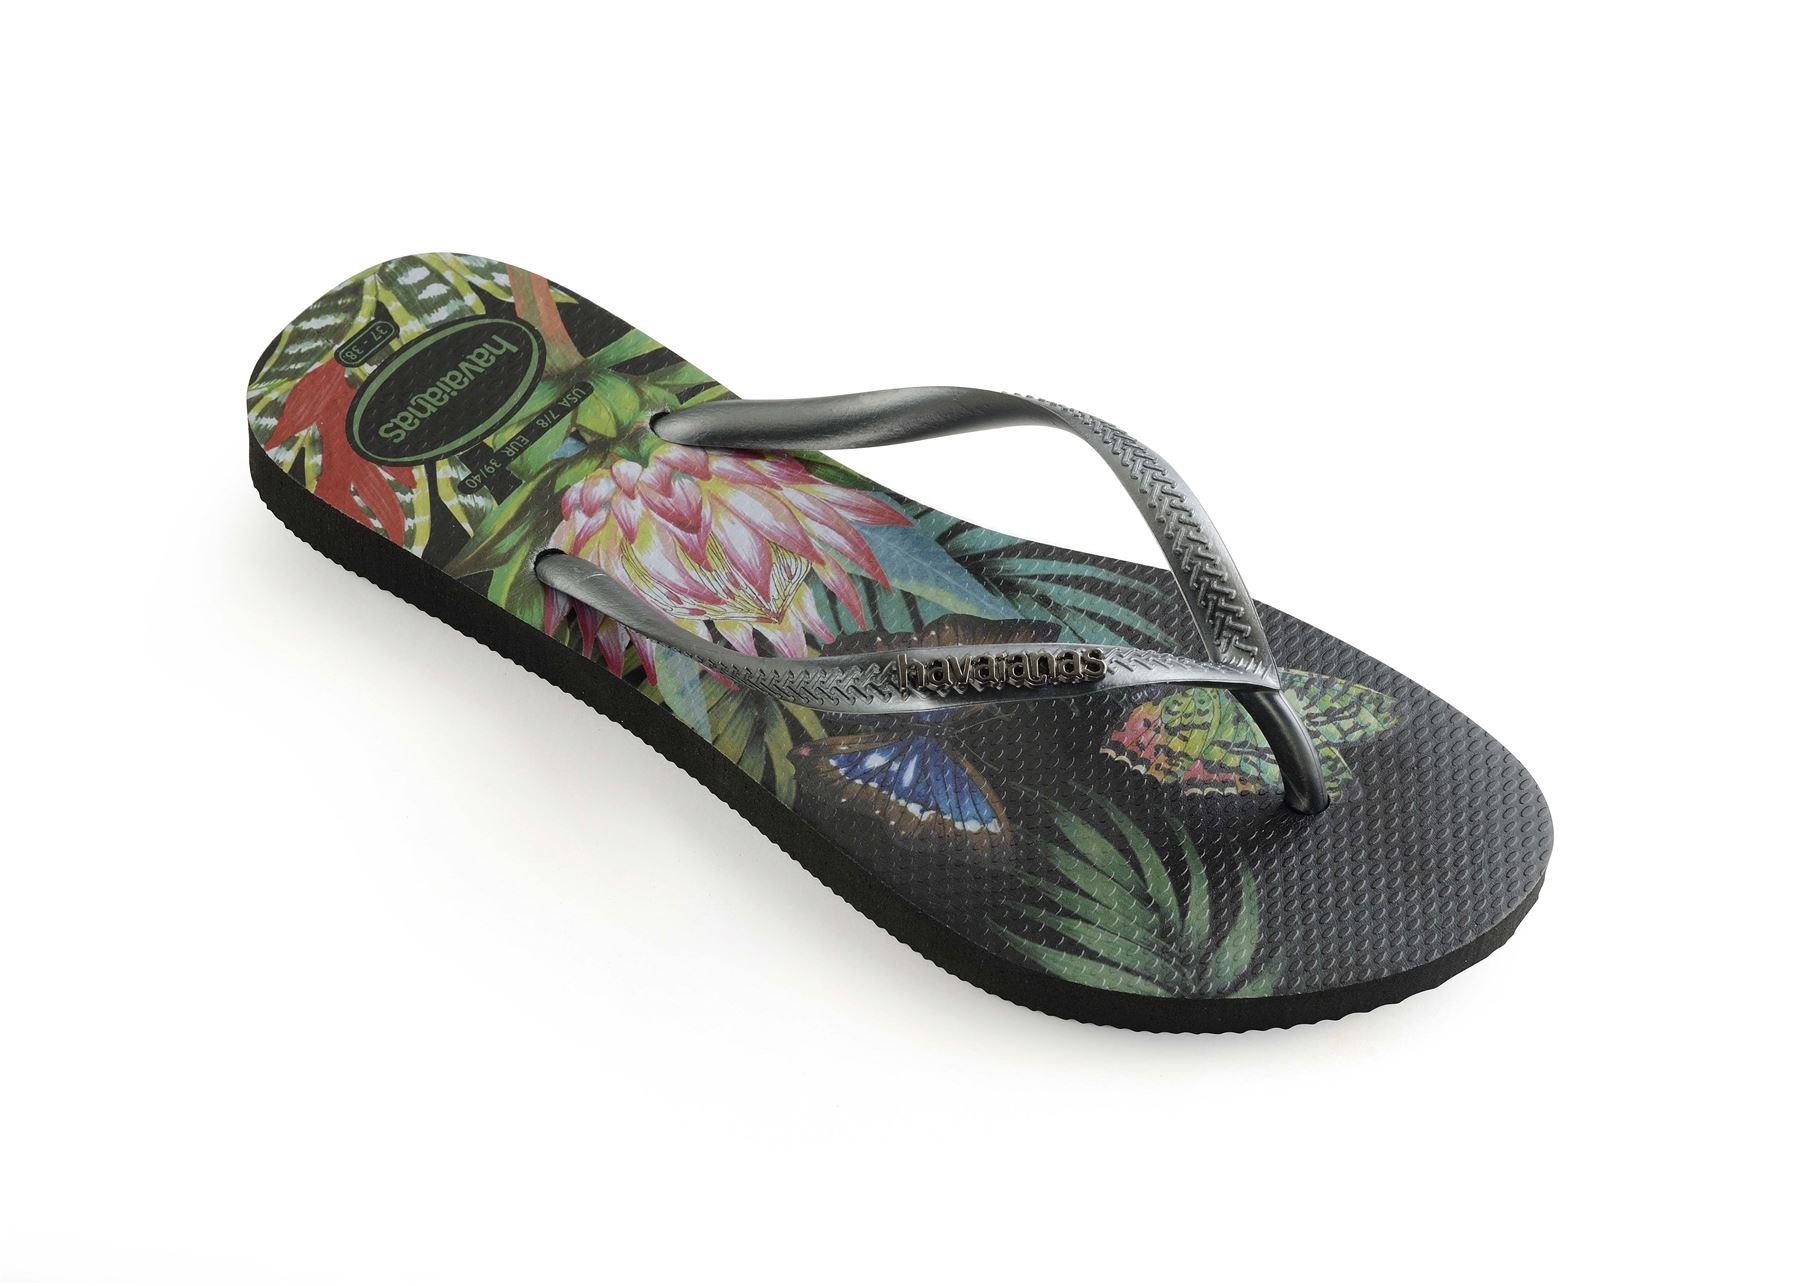 Havaianas-Slim-Tropical-amp-Imprime-Floral-Tongs-Ete-Plage-Piscine-Sandales miniature 4